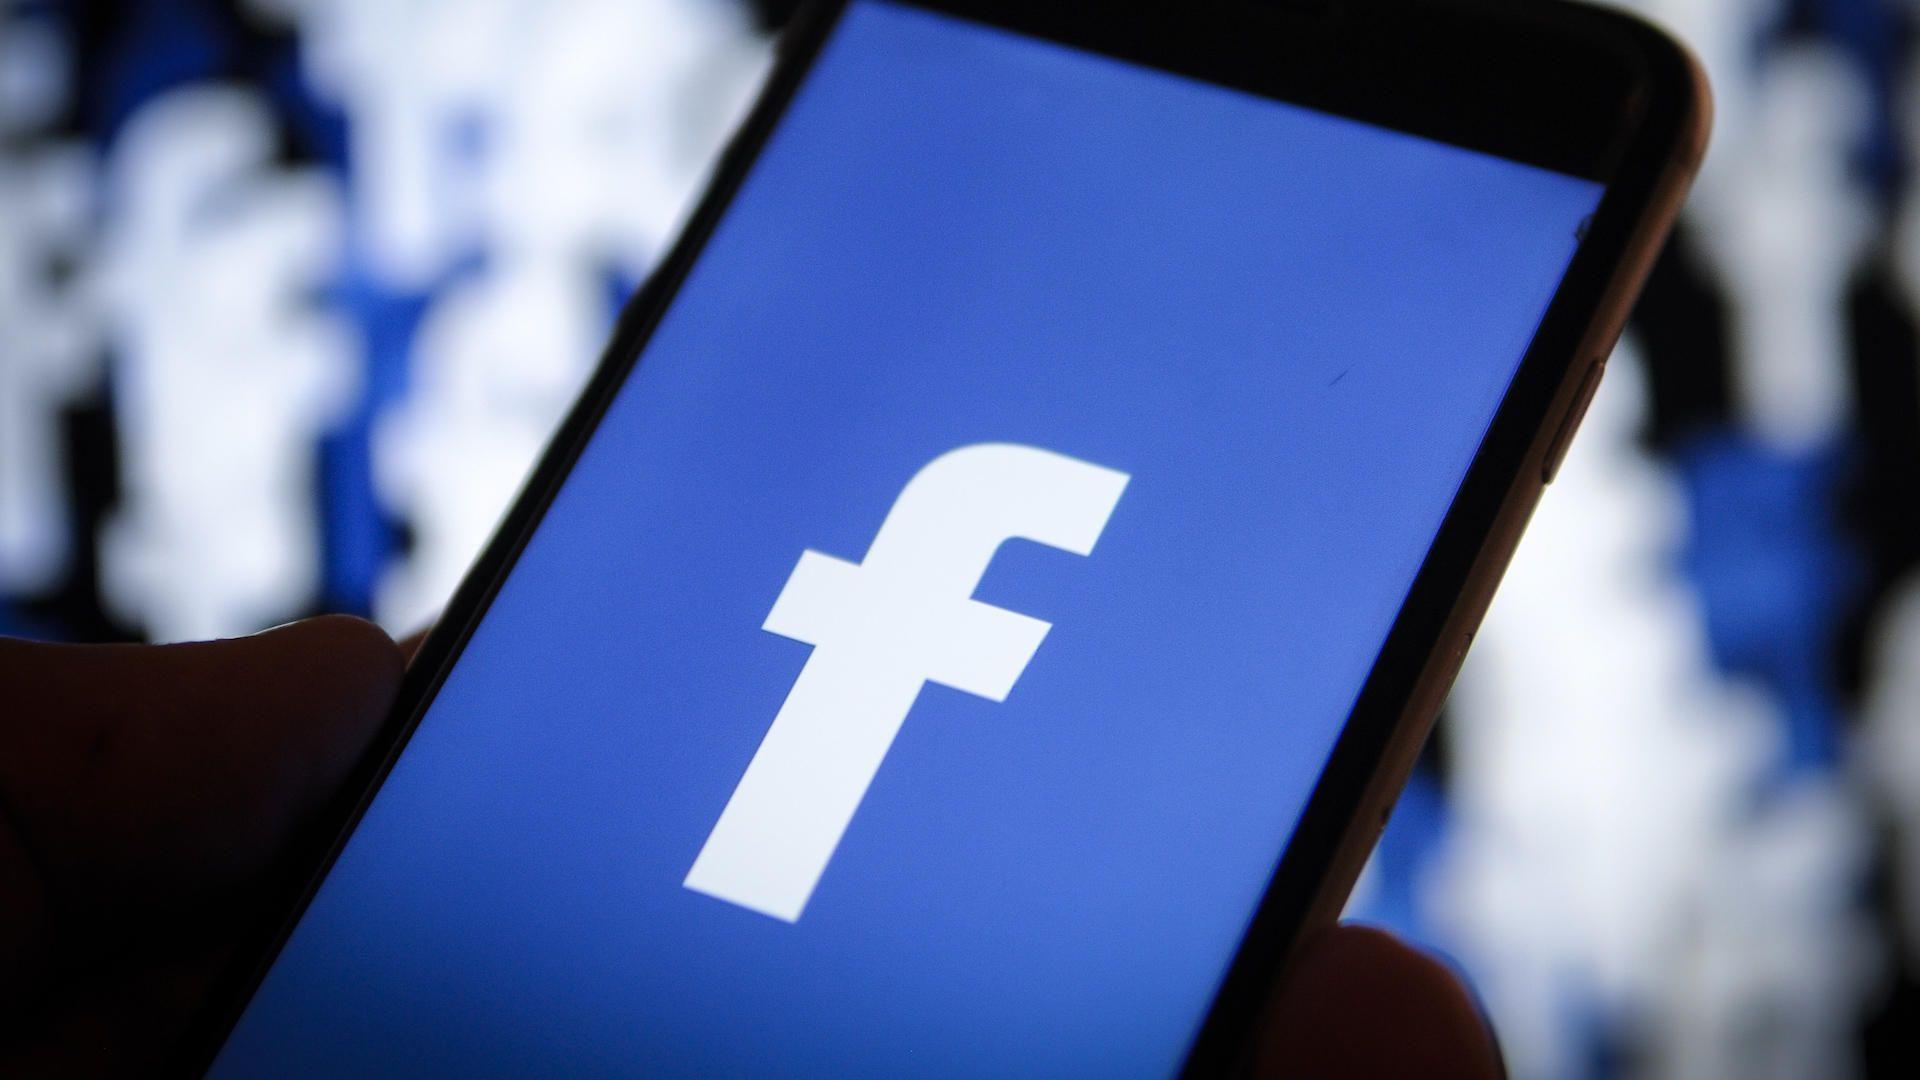 Δημιουργήστε πιστούς πελάτες και προσελκύστε νέους με τη χρήση του Facebook